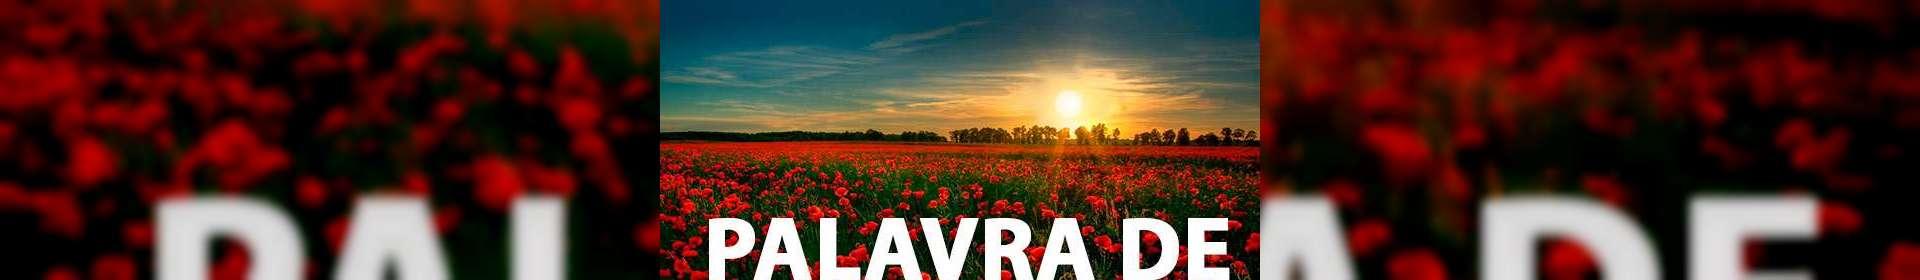 Salmos 73:28 - Uma Palavra de Esperança para sua vida